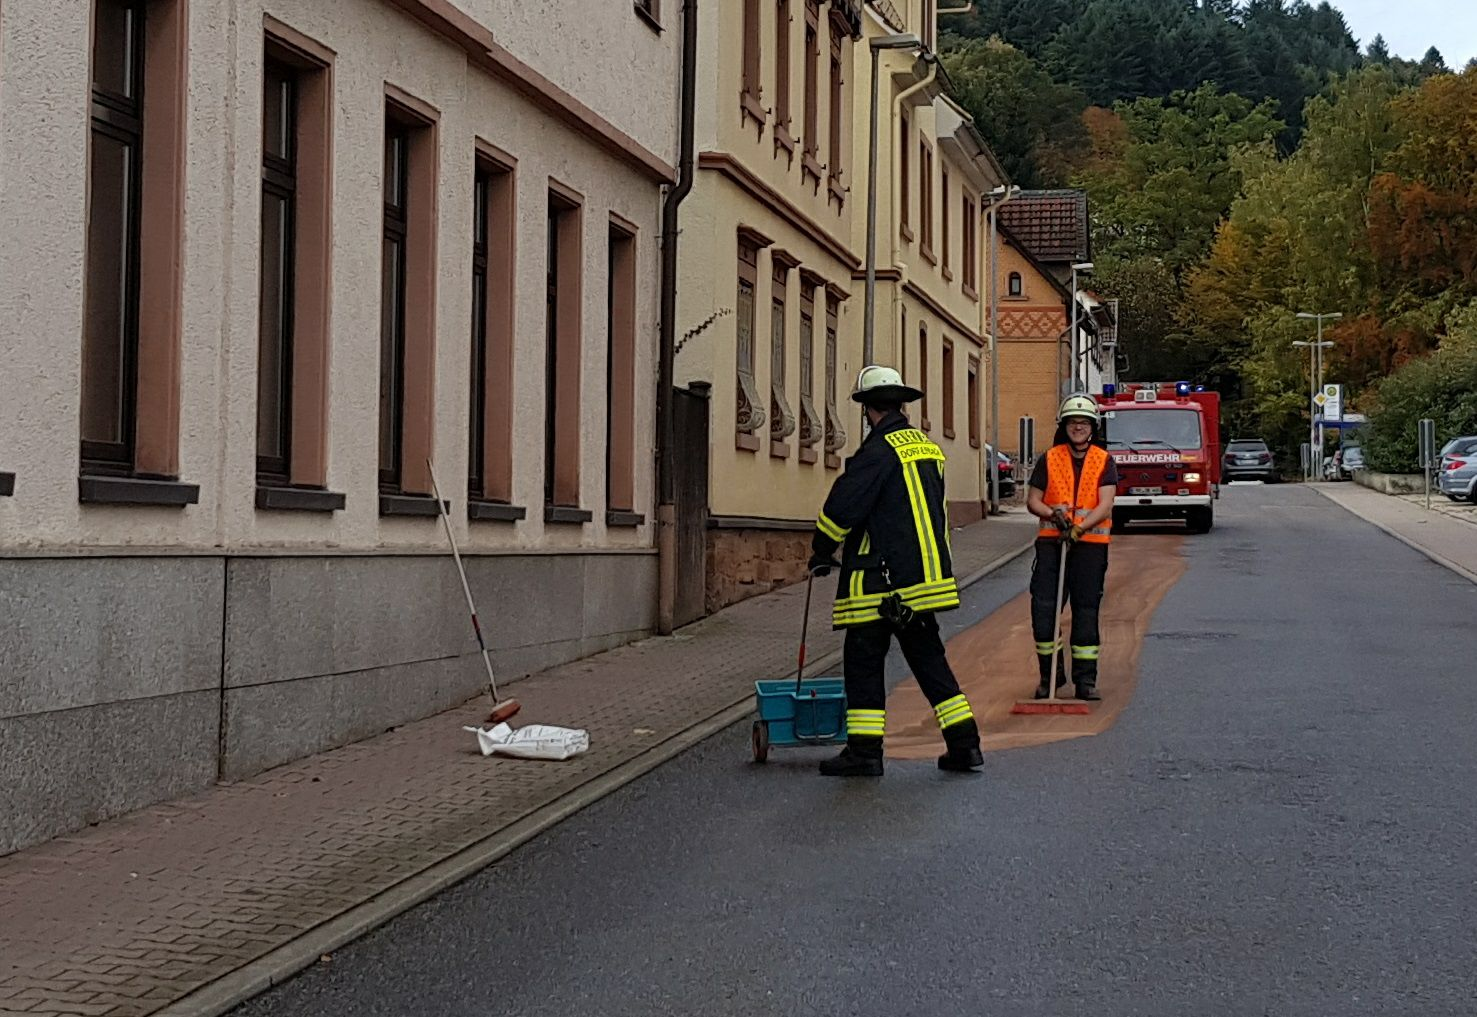 18.10.2019, größere Ölspur in Erbach